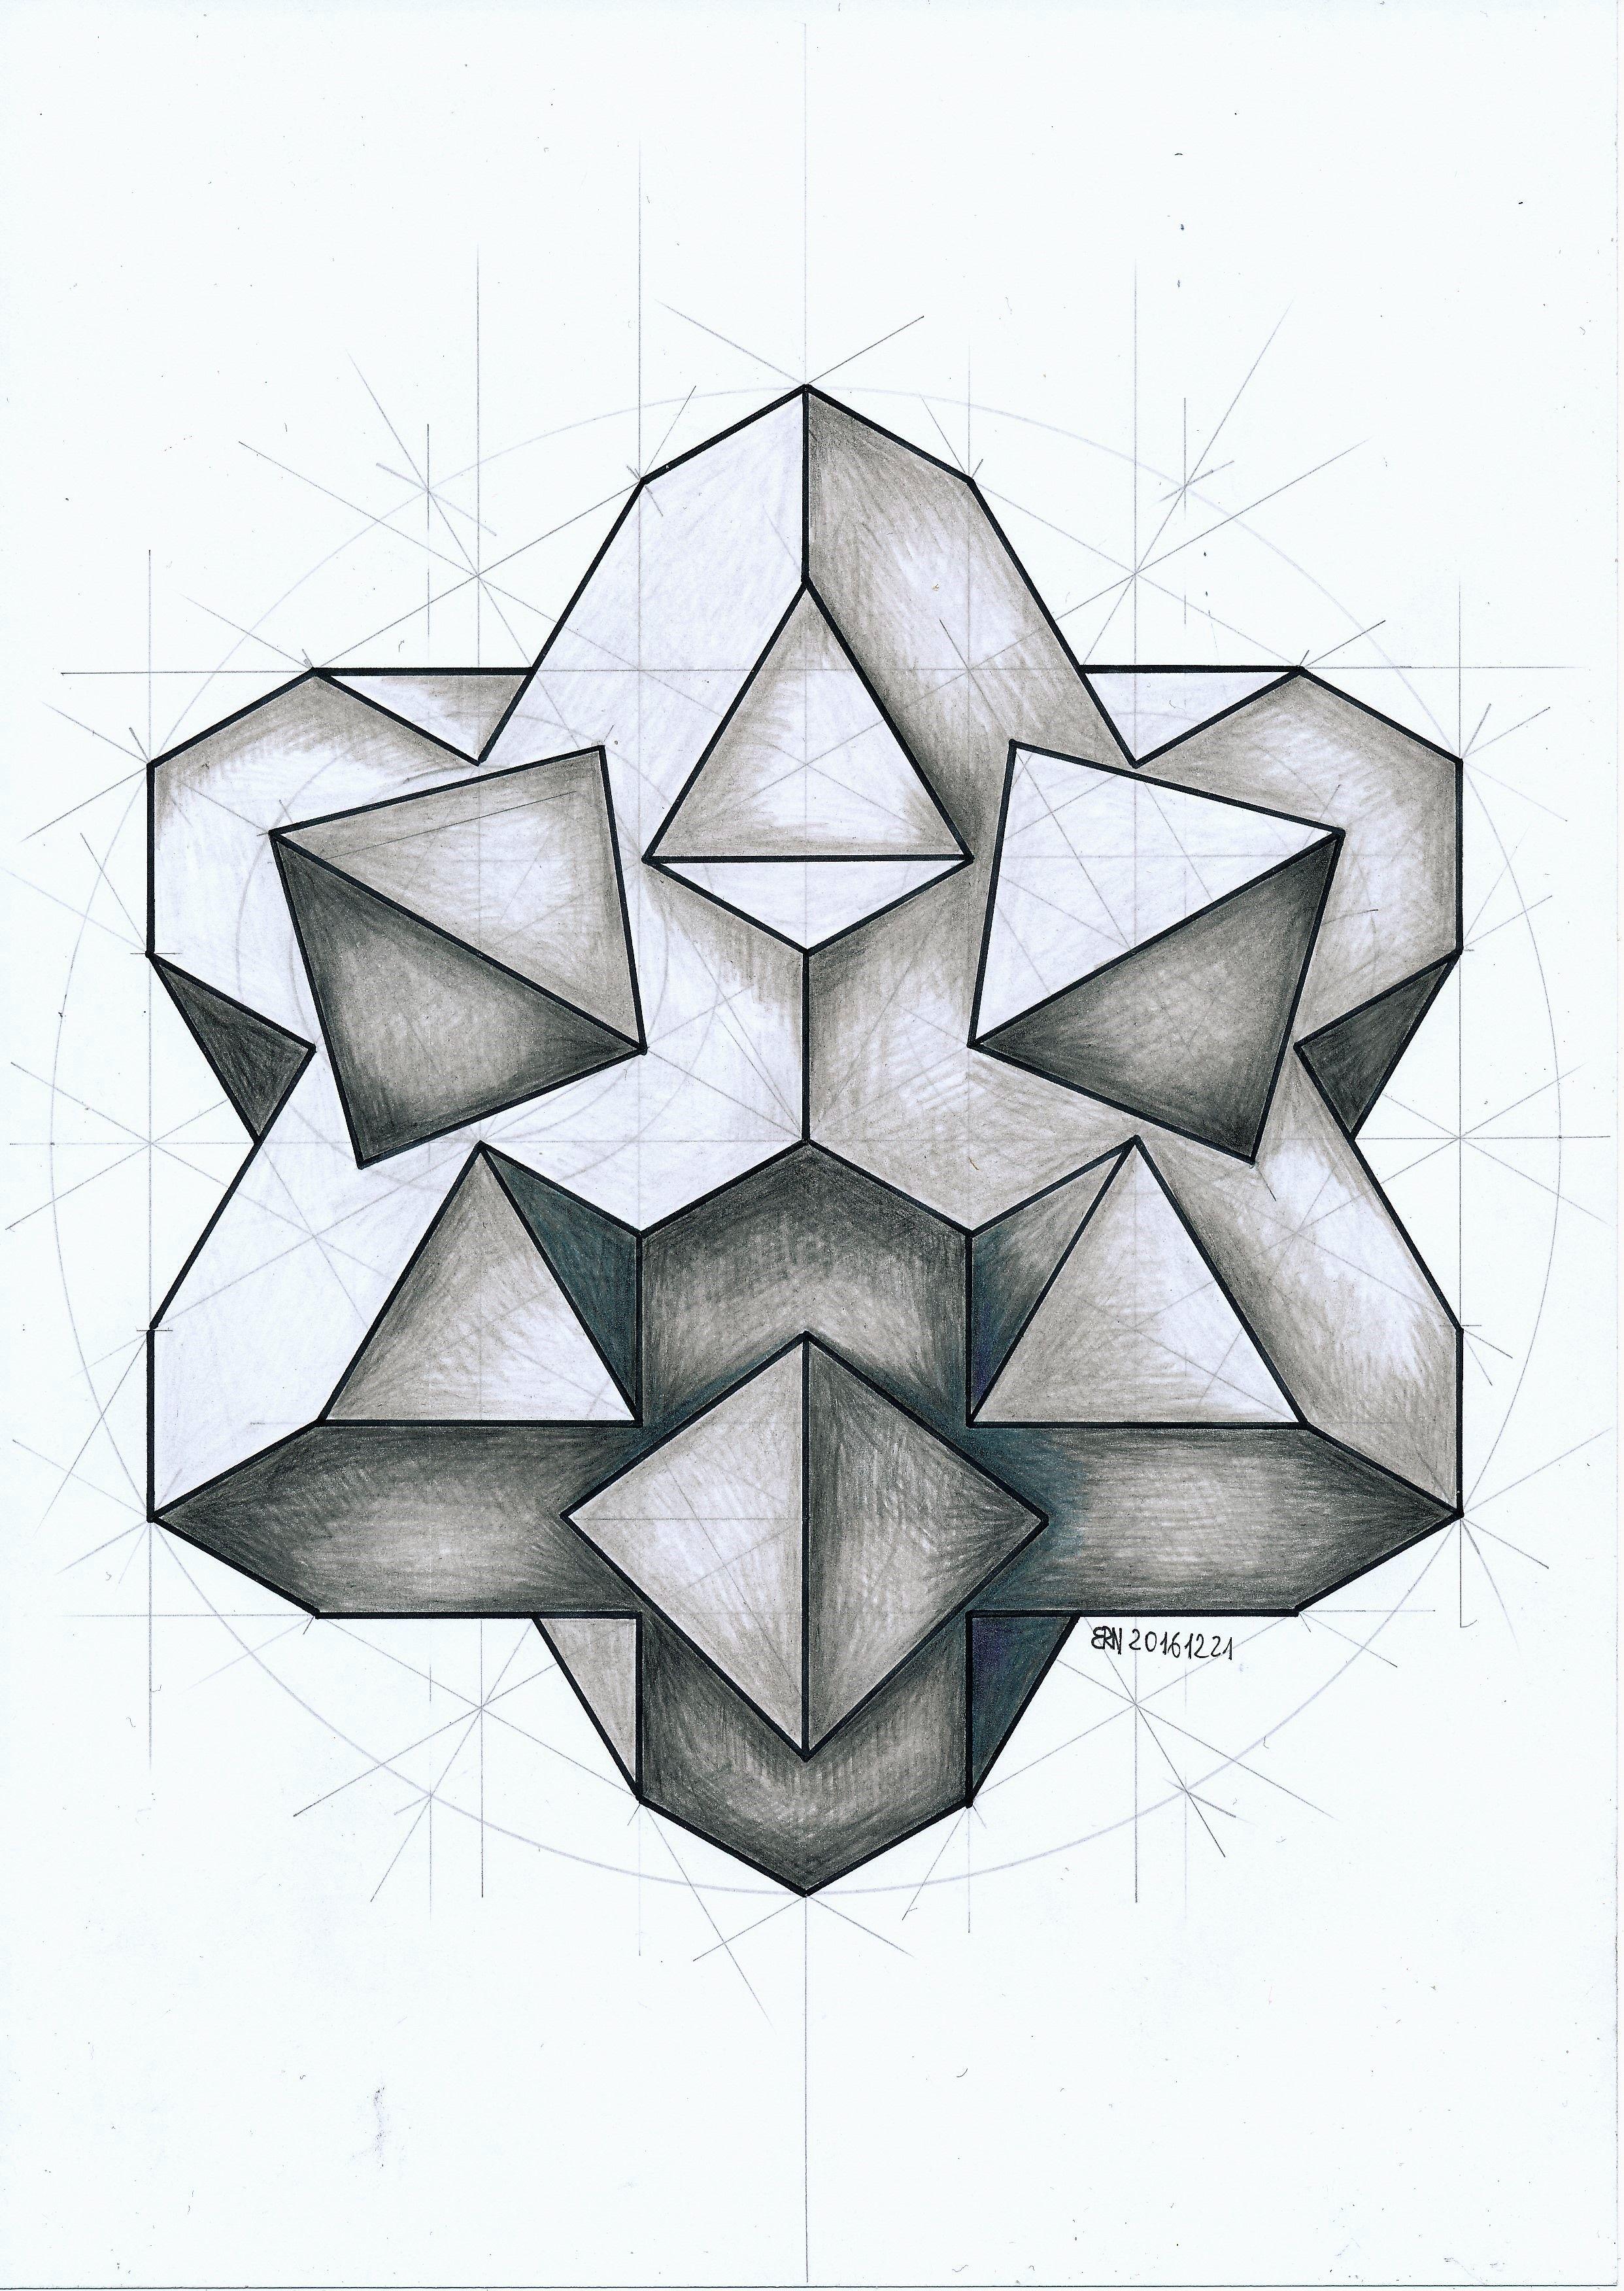 Pin von Aj Stallard auf -inspiration- | Pinterest | Geometrie ...